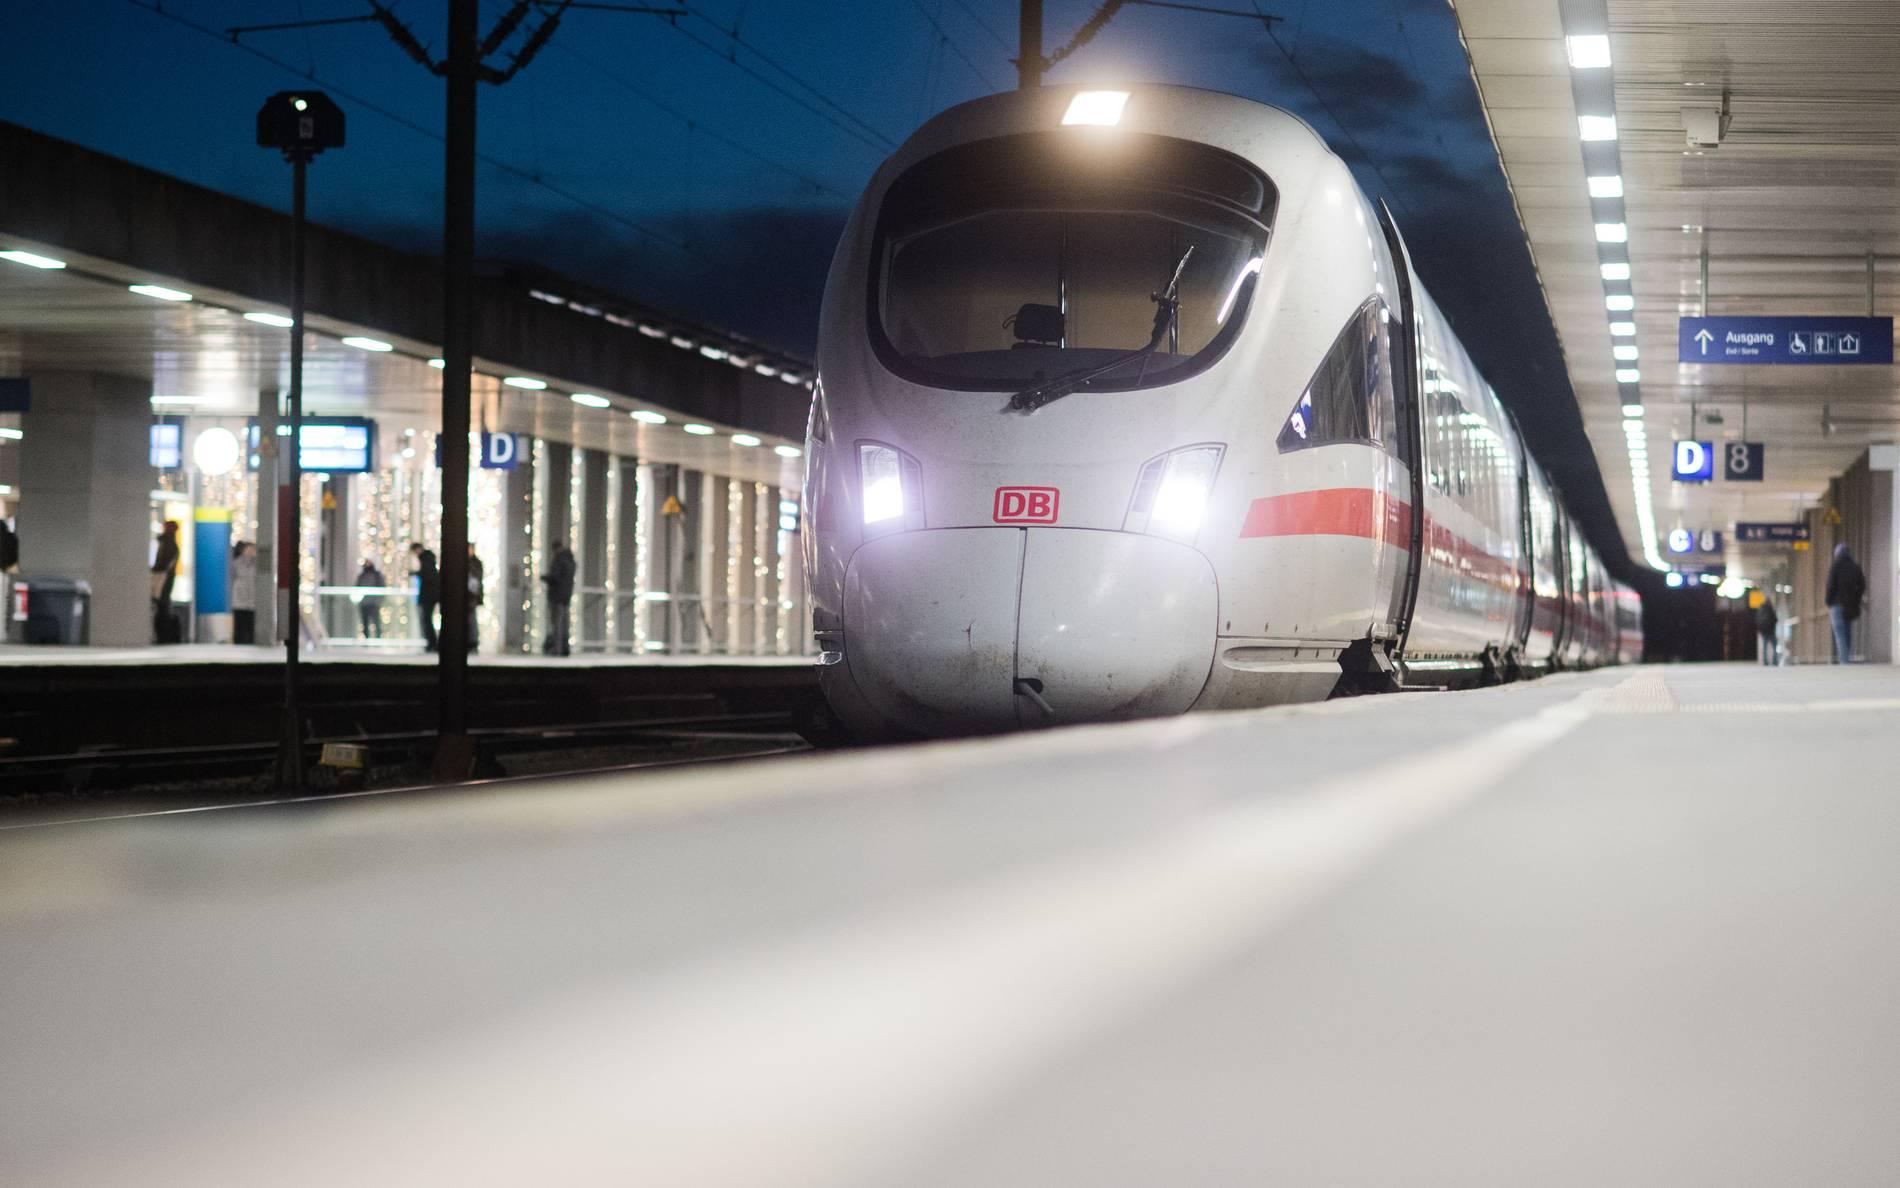 Noch viele Fragen offen - Mehr Personal, mehr ICE-Züge: Bahn verspricht Besserung